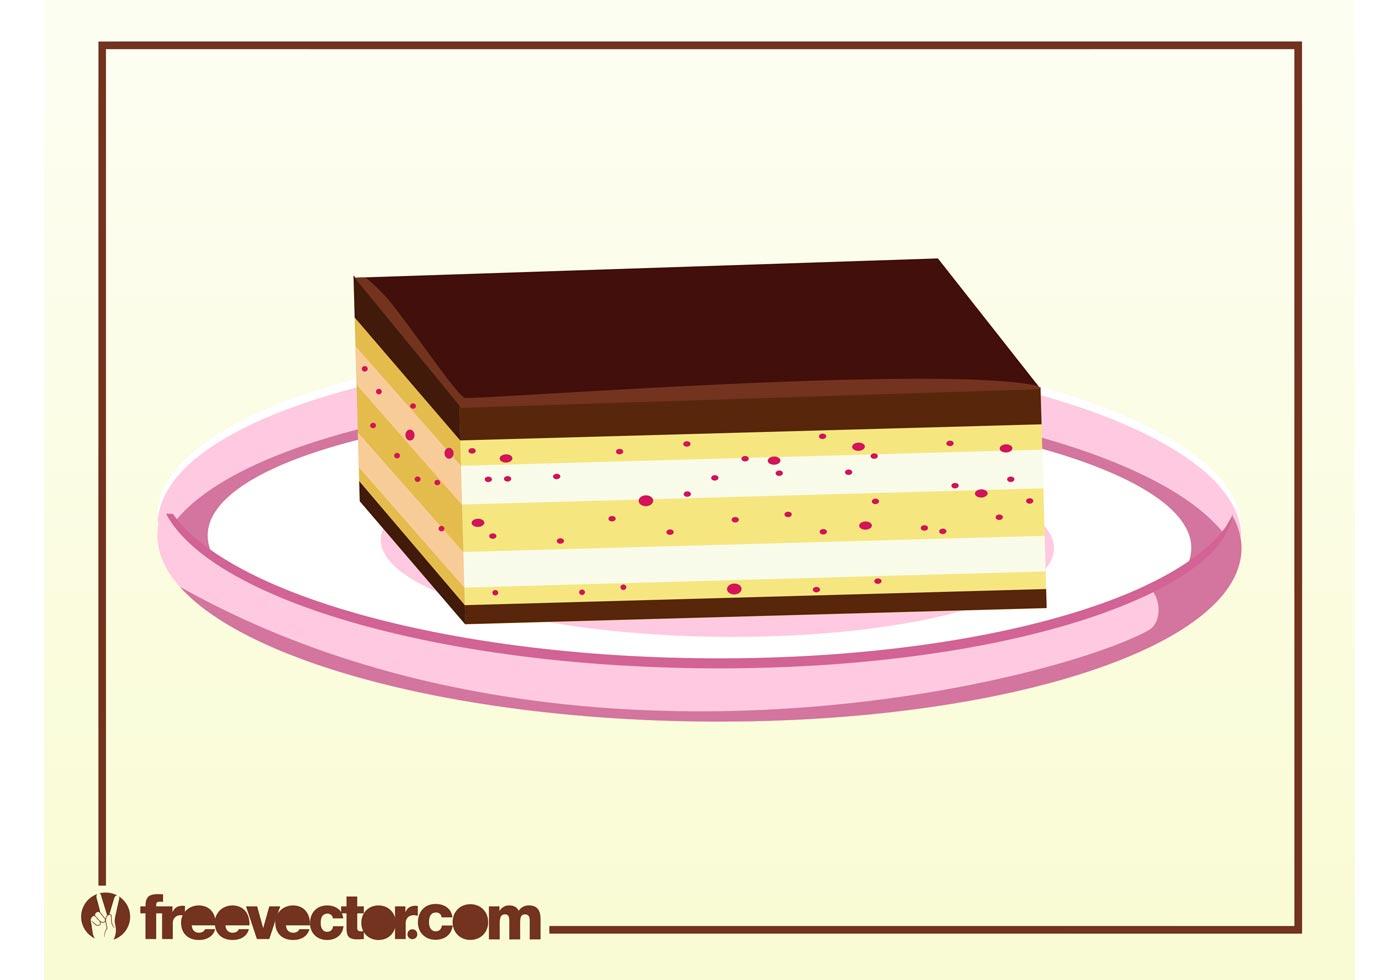 Chocolate Dessert Vector Download Free Vector Art Stock